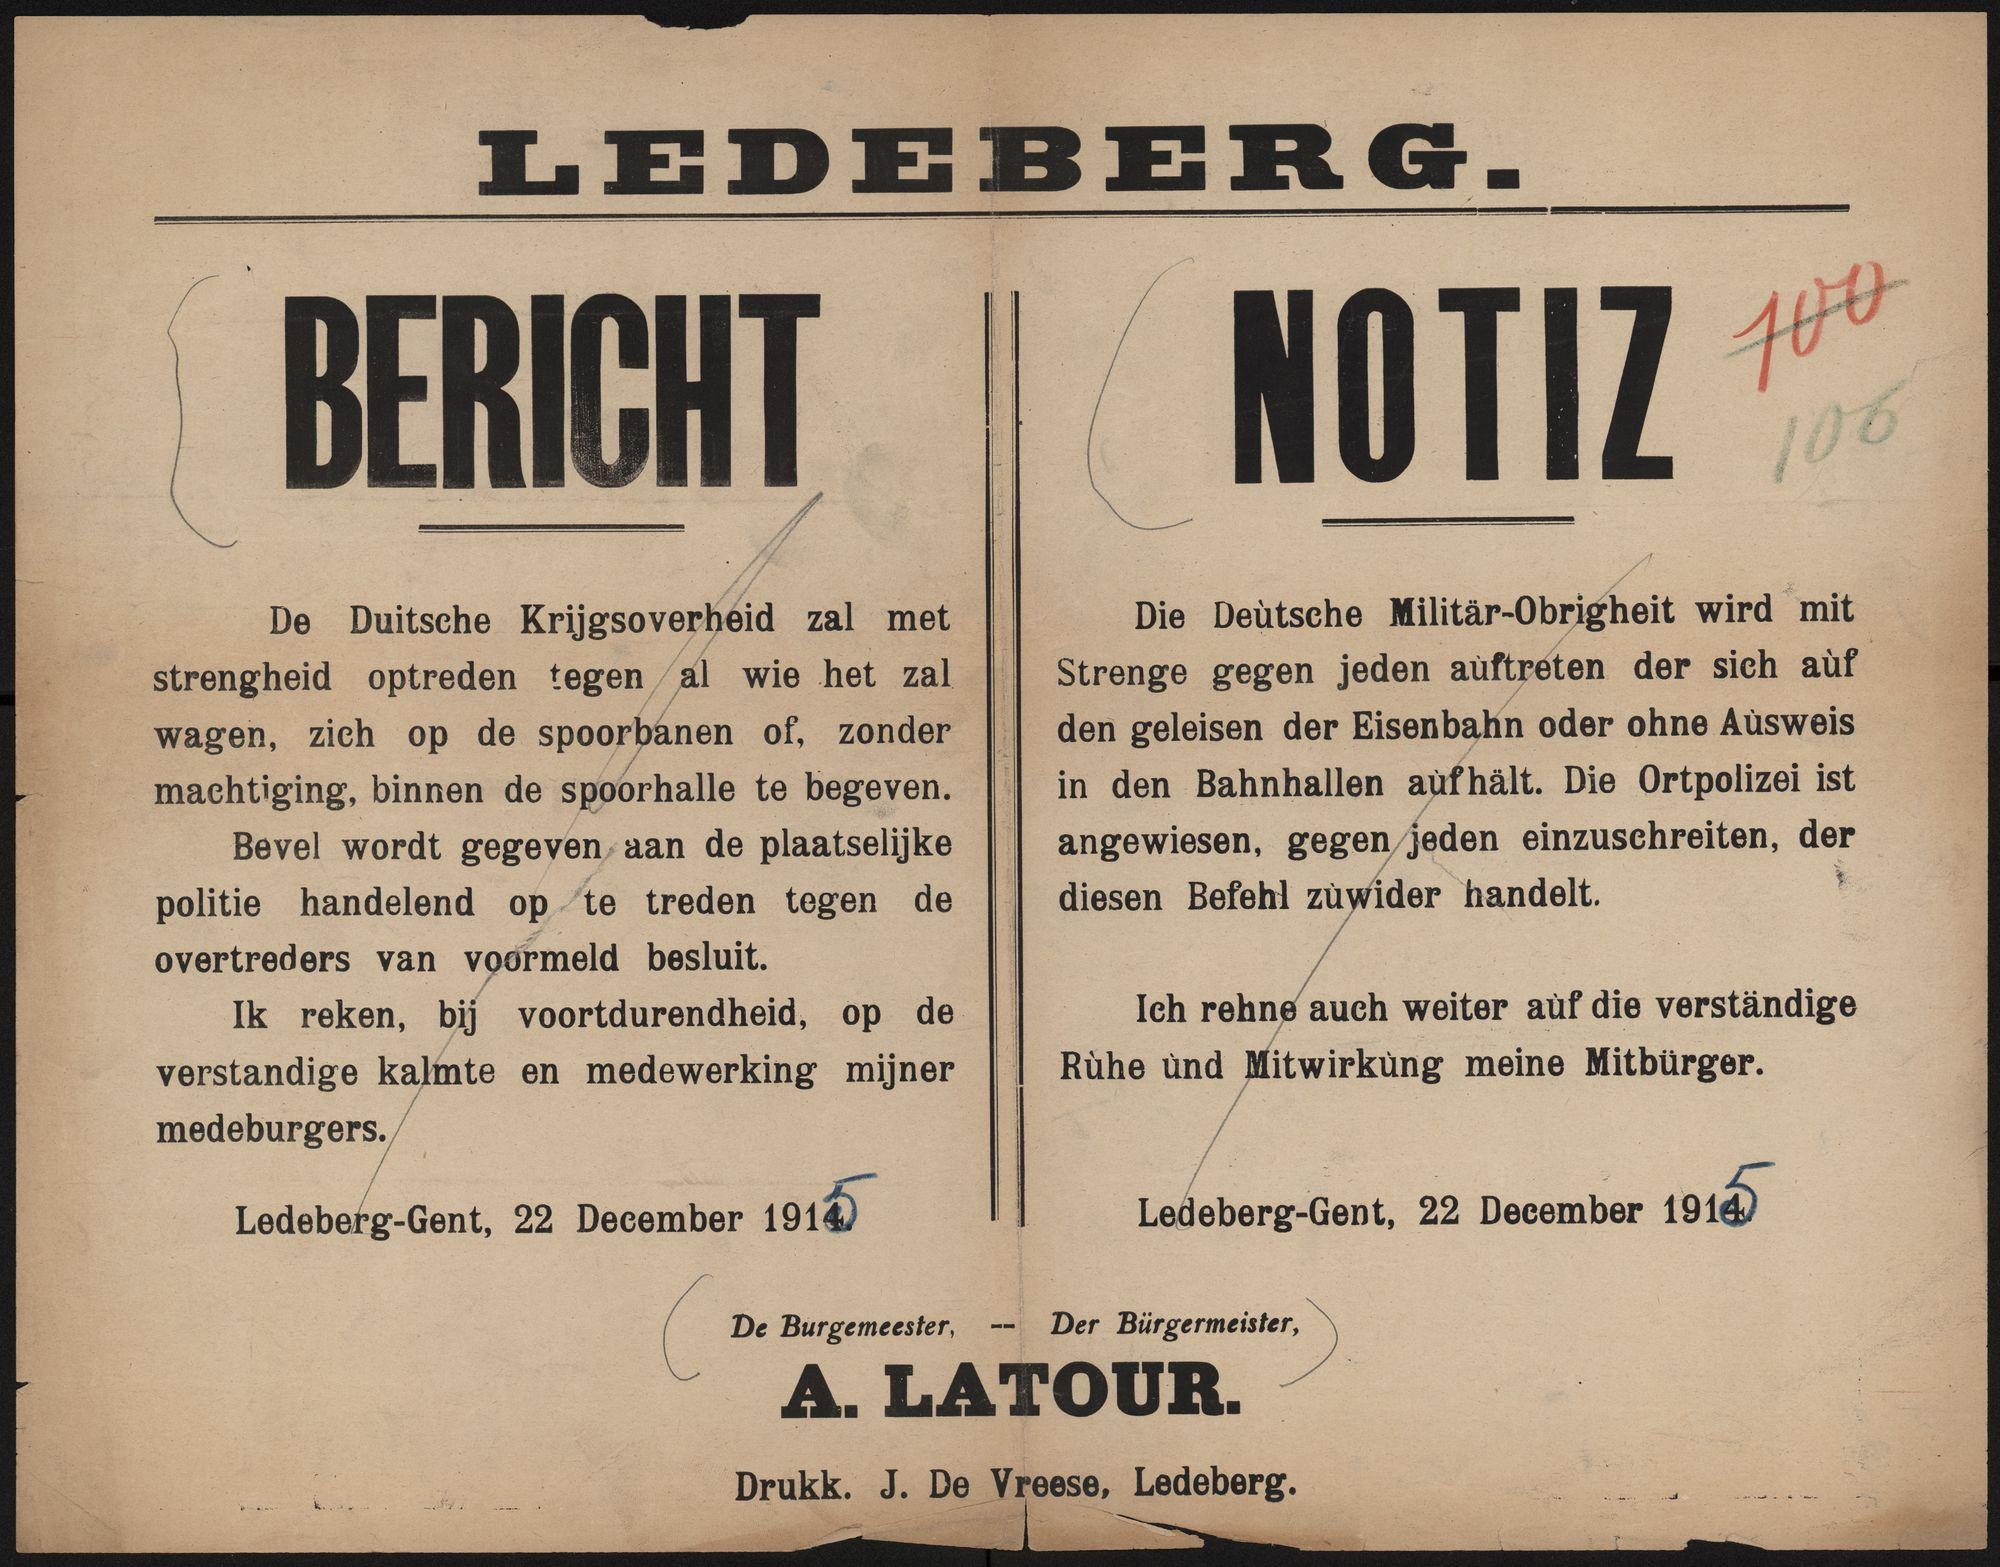 Ledeberg, Bericht | Ledeberg, Notiz.